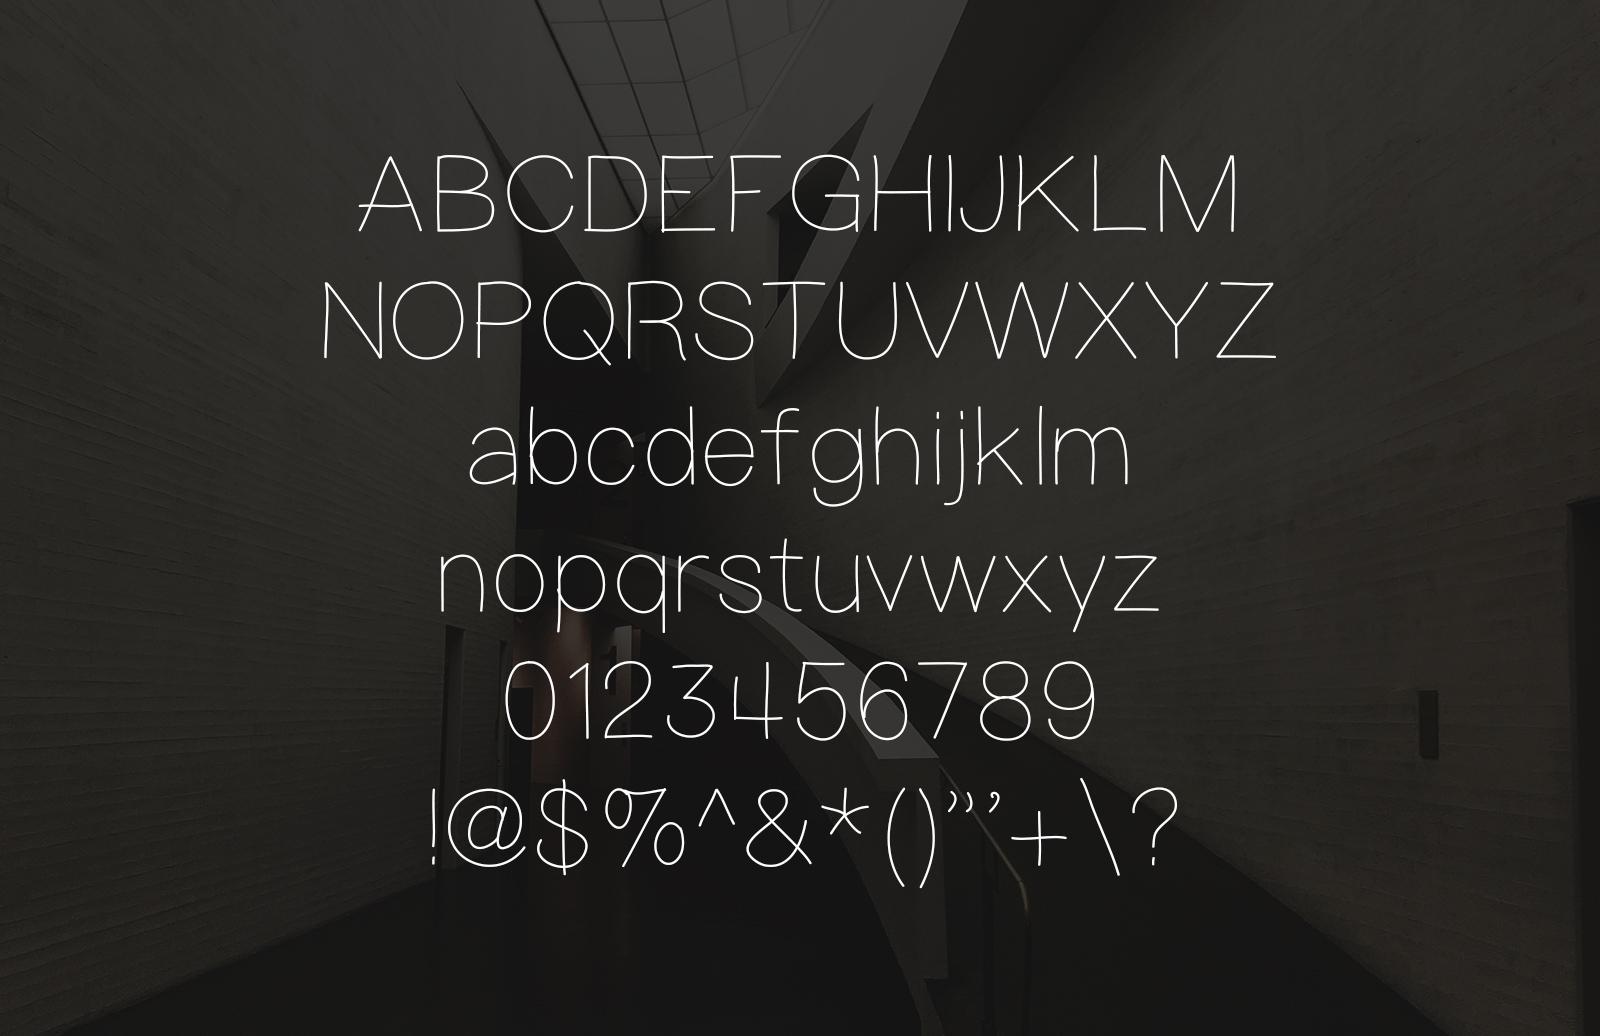 Pursuit Modern - Light Hand Drawn Font 2